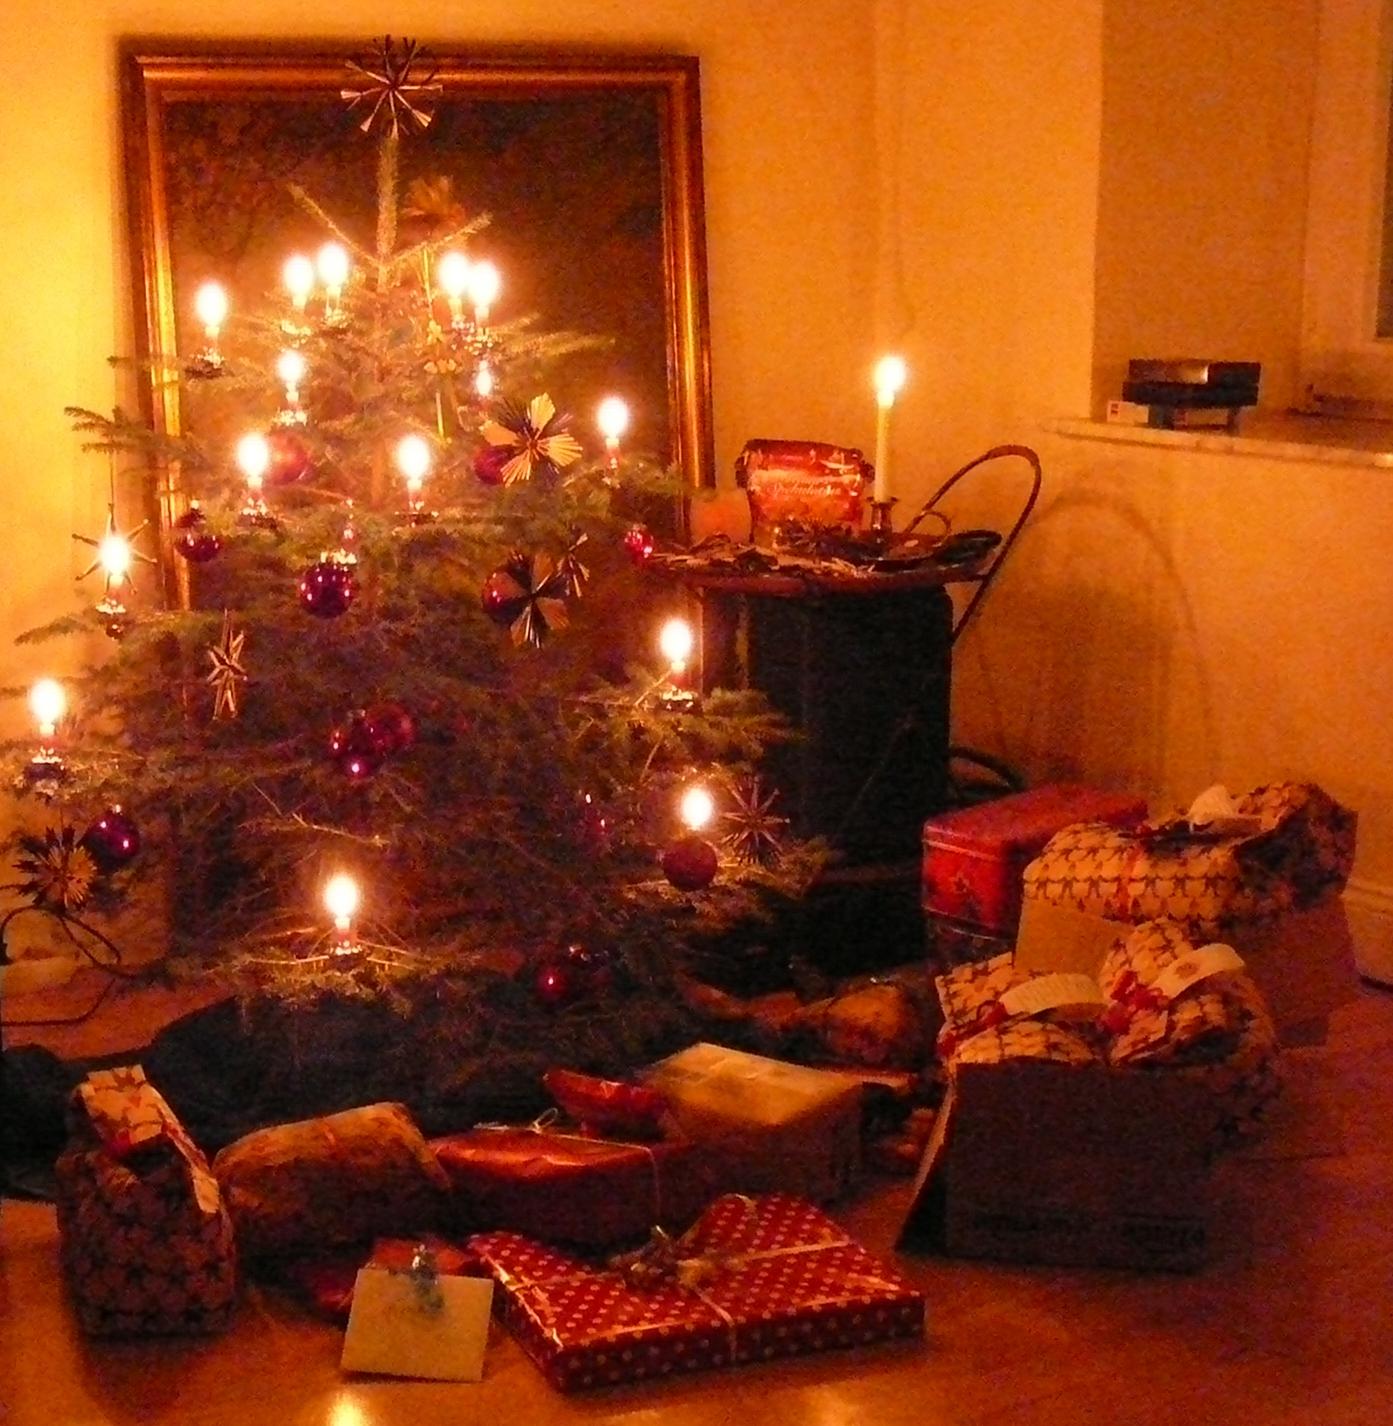 projekte projekte mission accomplished weihnachten. Black Bedroom Furniture Sets. Home Design Ideas